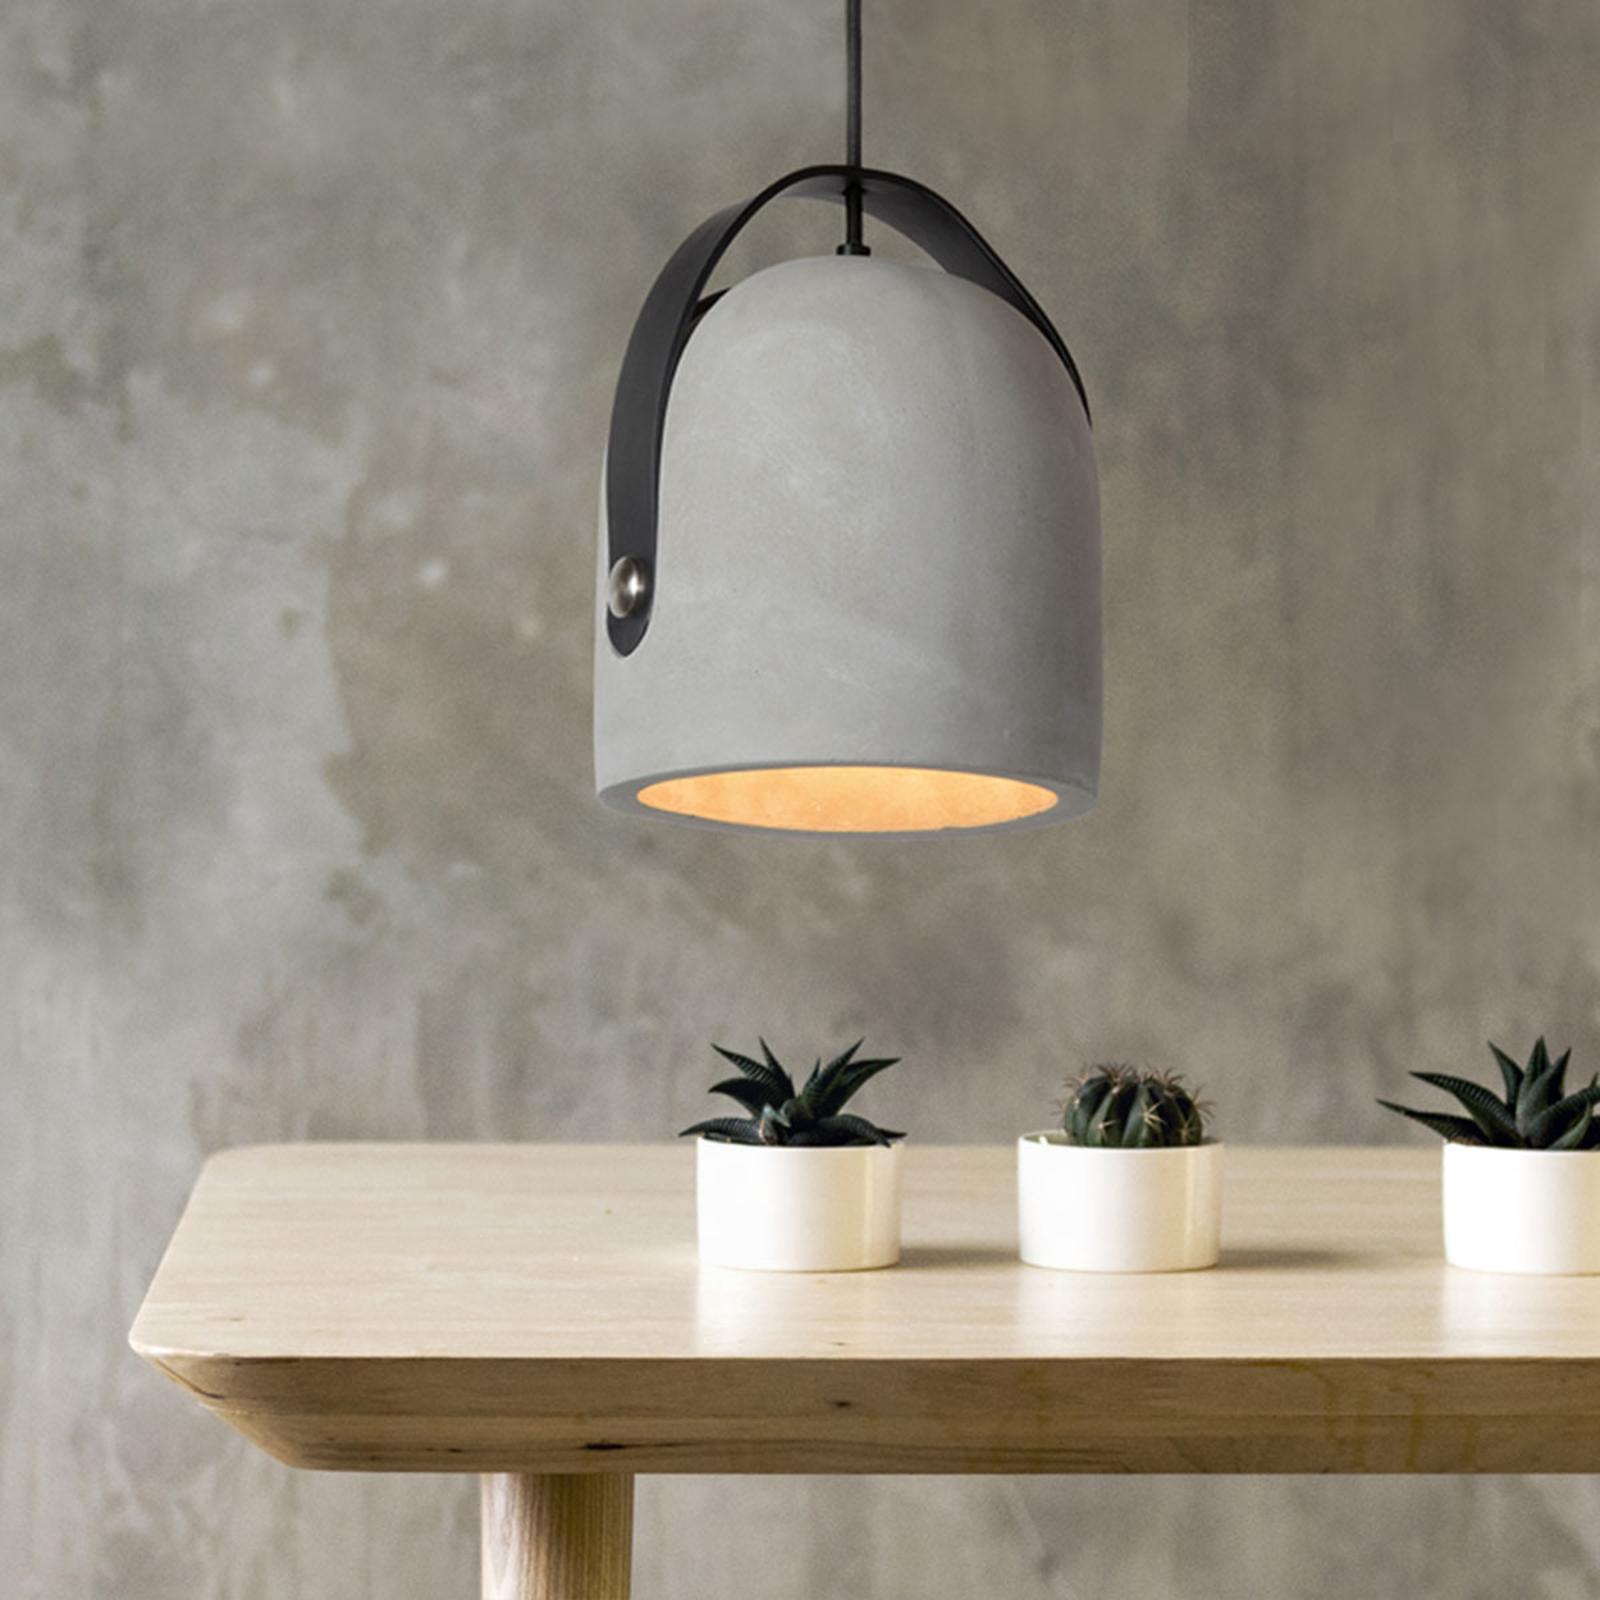 Modna betonowa lampa wisząca Copain